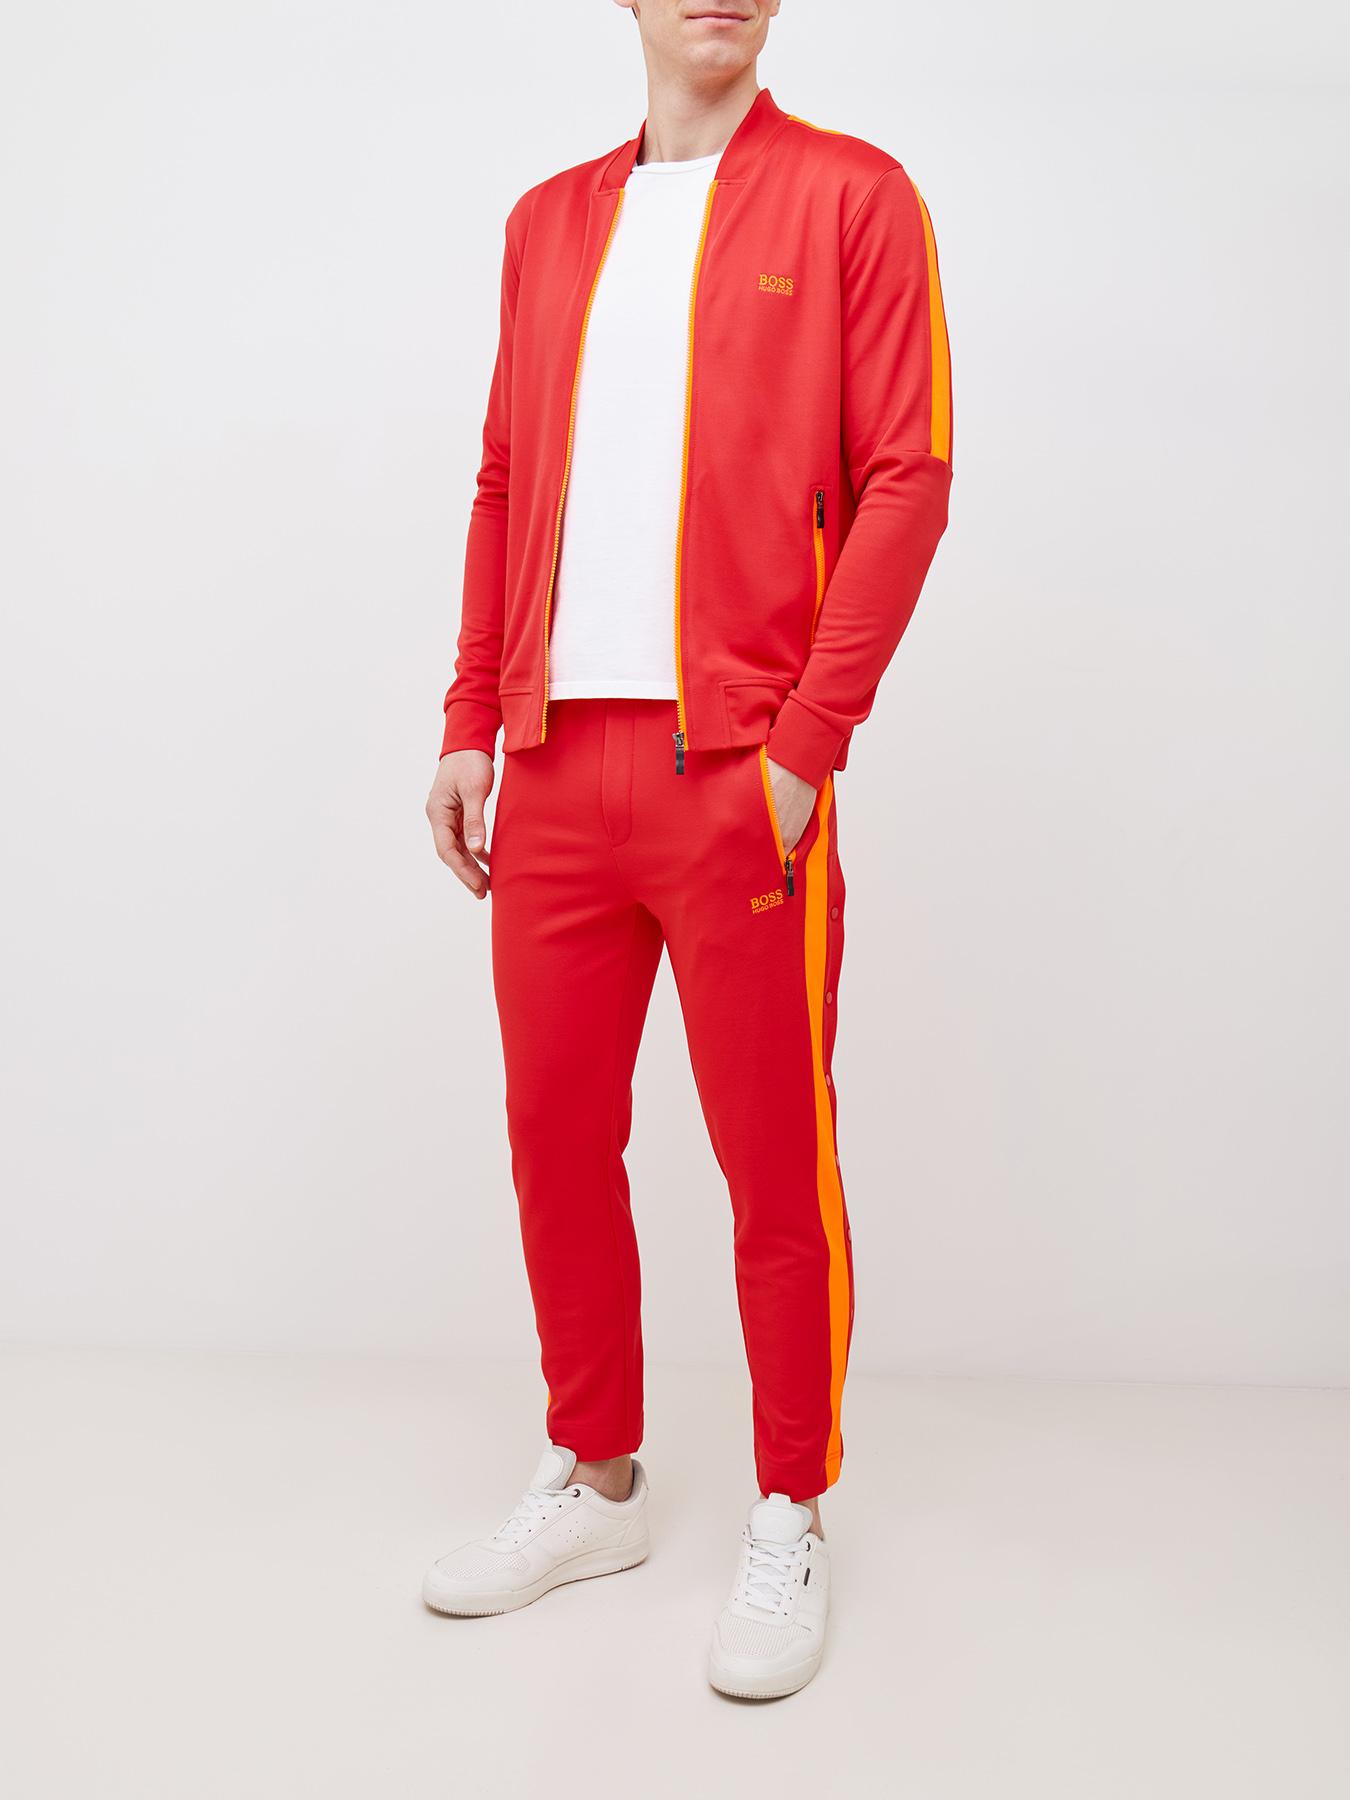 Брюки BOSS Спортивные брюки Hurley dan hurley targem